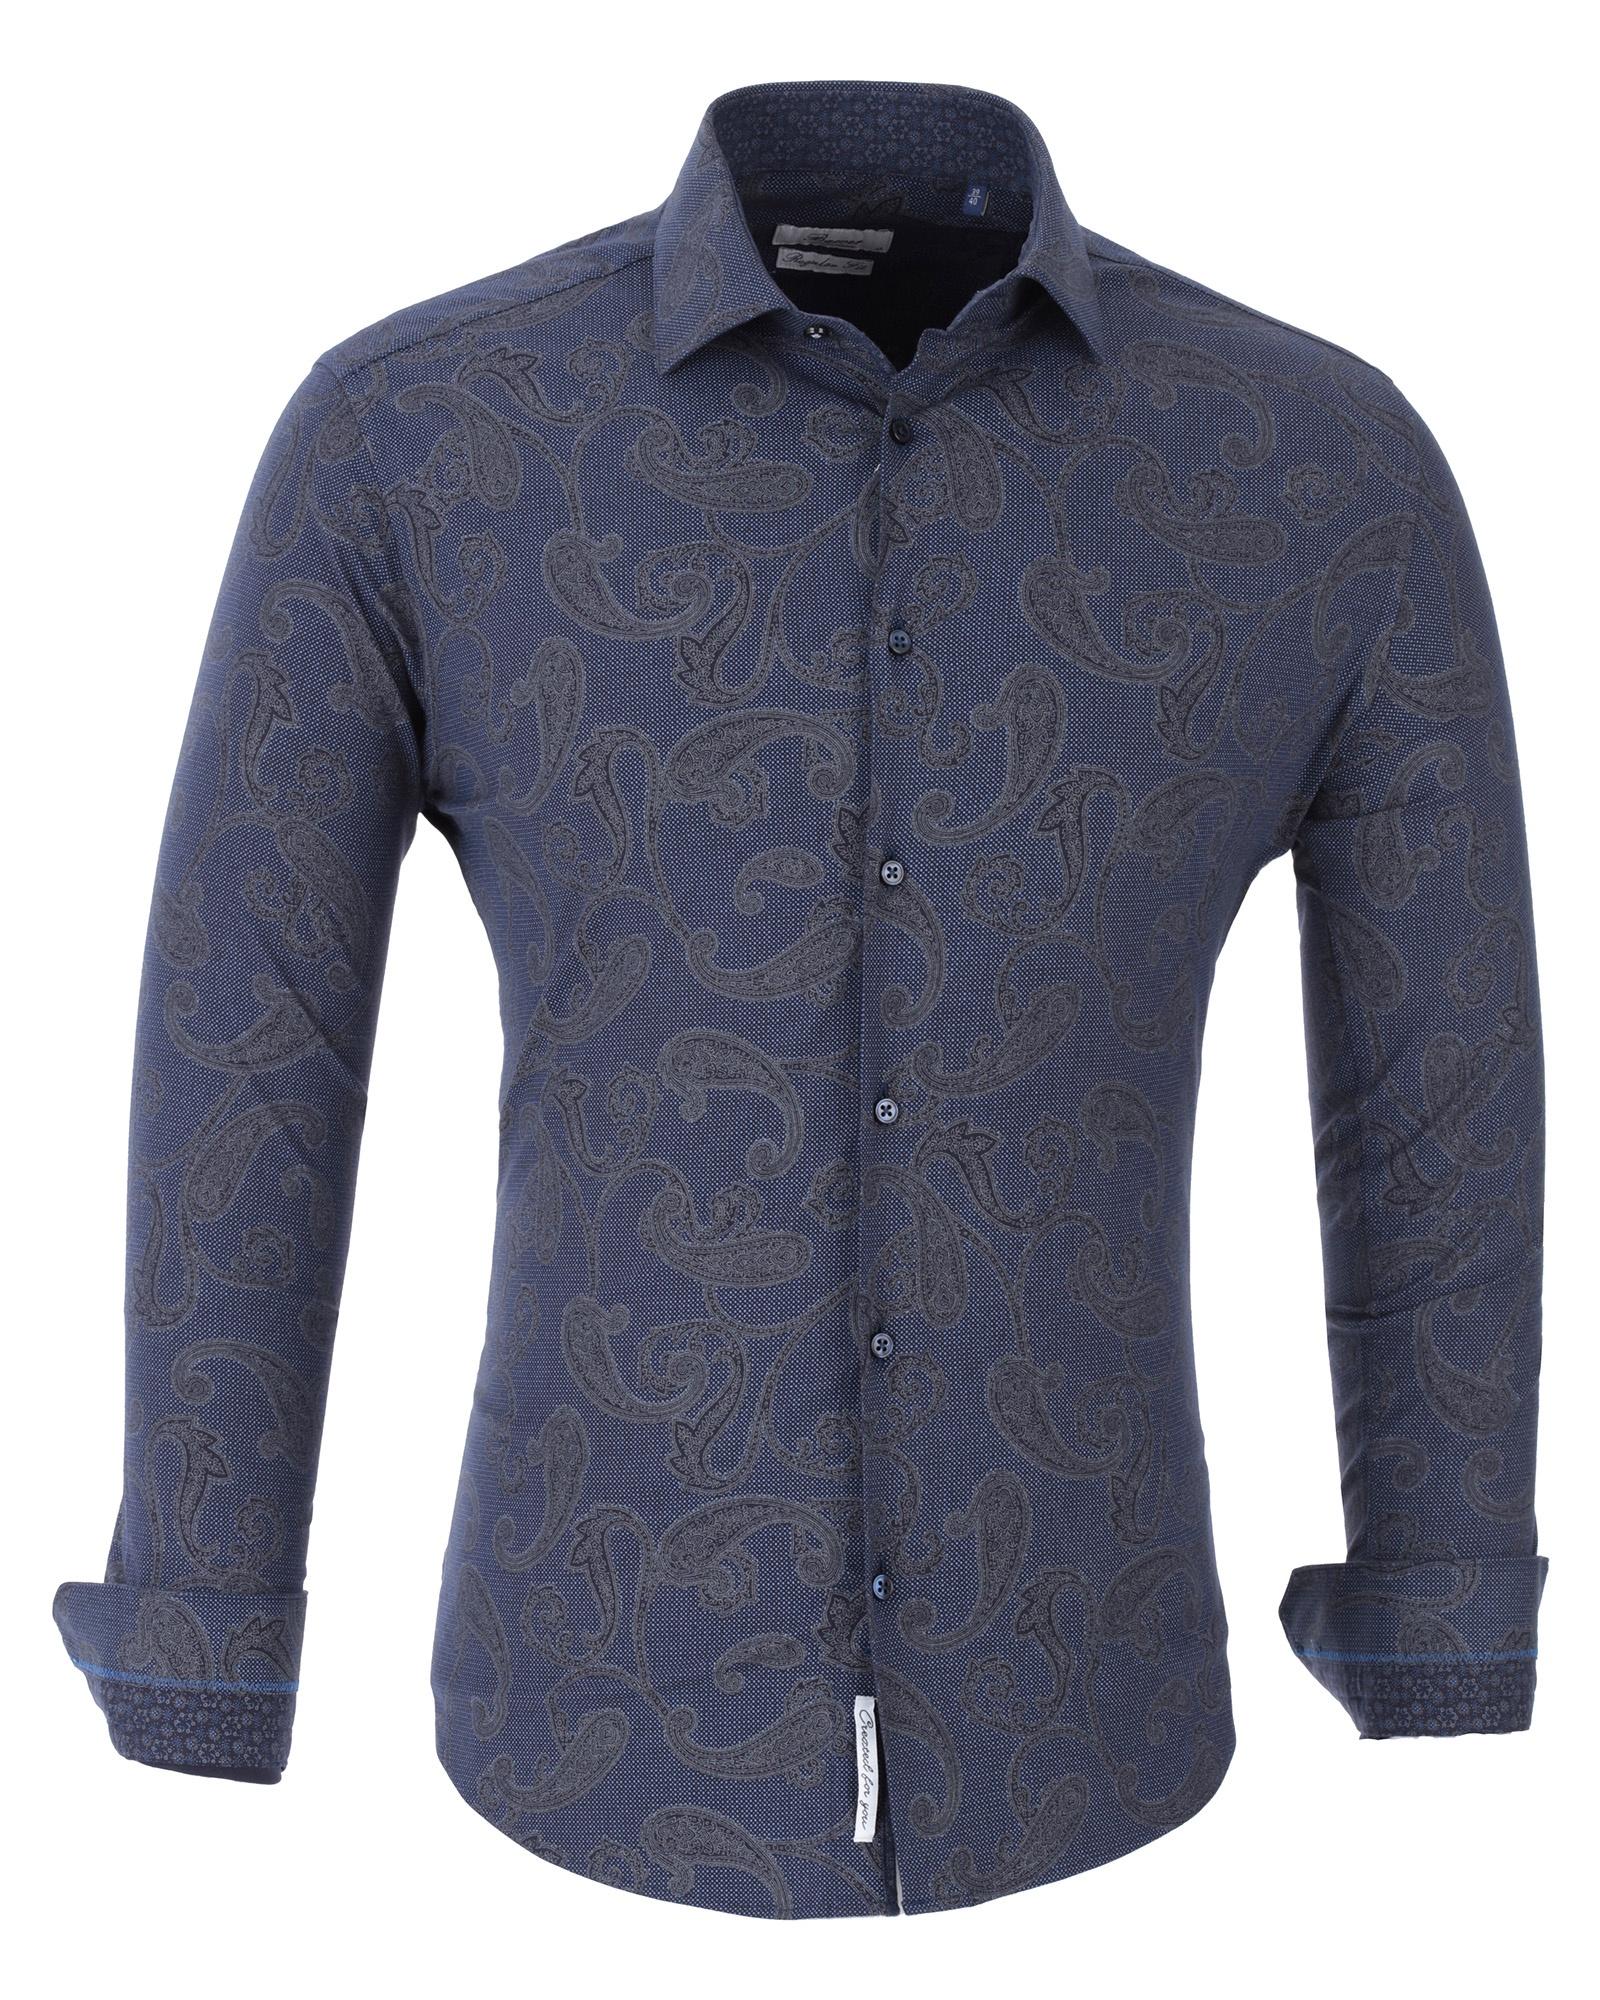 Рубашка Bawer Р-7007-02_XL, темно-синий 52, 54 размерР-7007-02_LМужская рубашка Bawer выполнена из высококачественного хлопка. Силуэт Slim Fit - плотно сидит по фигуре. Лучше всего подходят для стандартного или худощавого телосложения. Подчёркивает фигуру. Рубашка с отложным воротником и длинными рукавами застегивается на пуговицы.